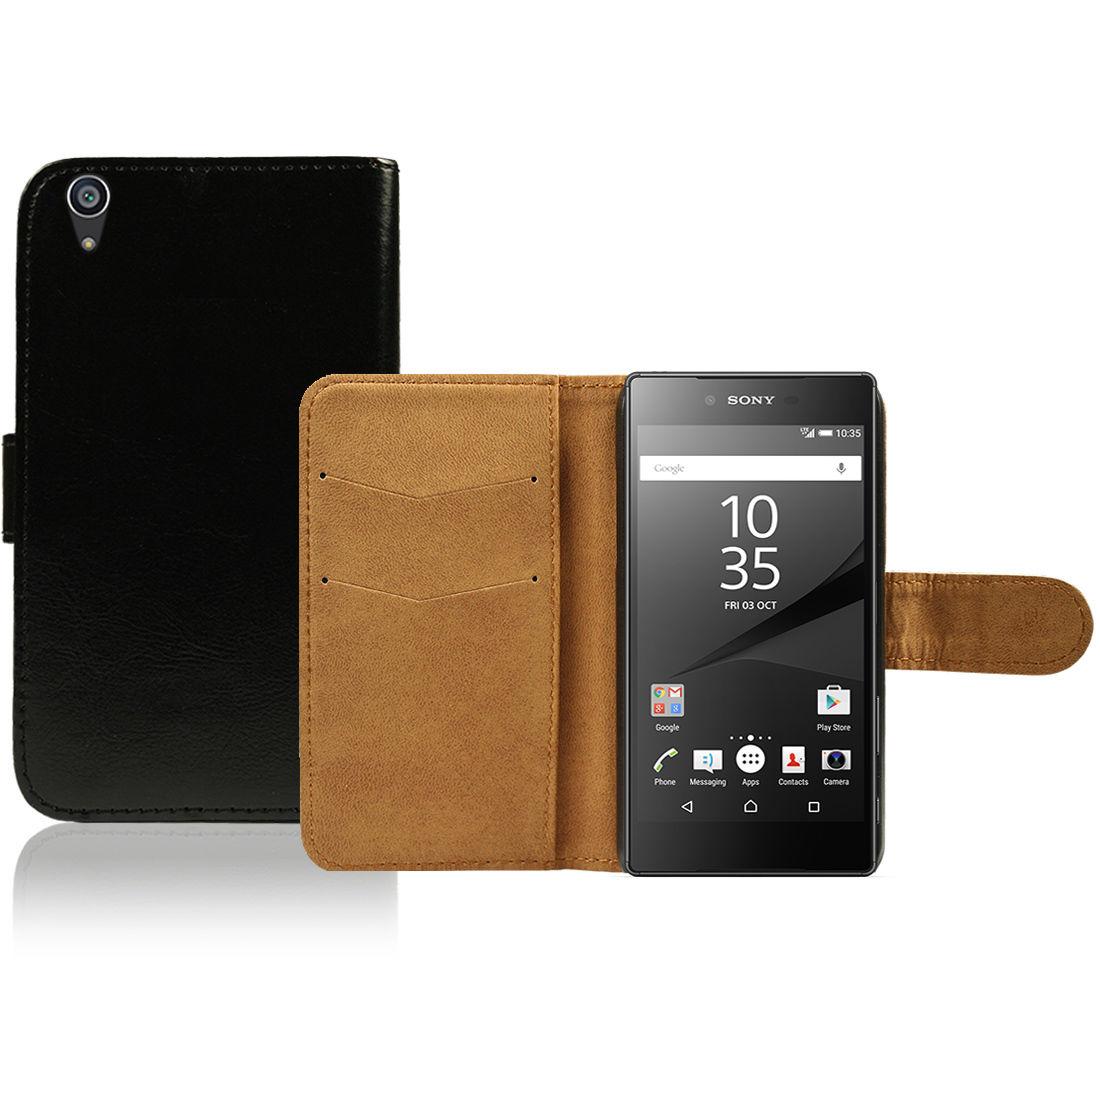 Pouzdro pro Sony Xperia Z5 Premium černé